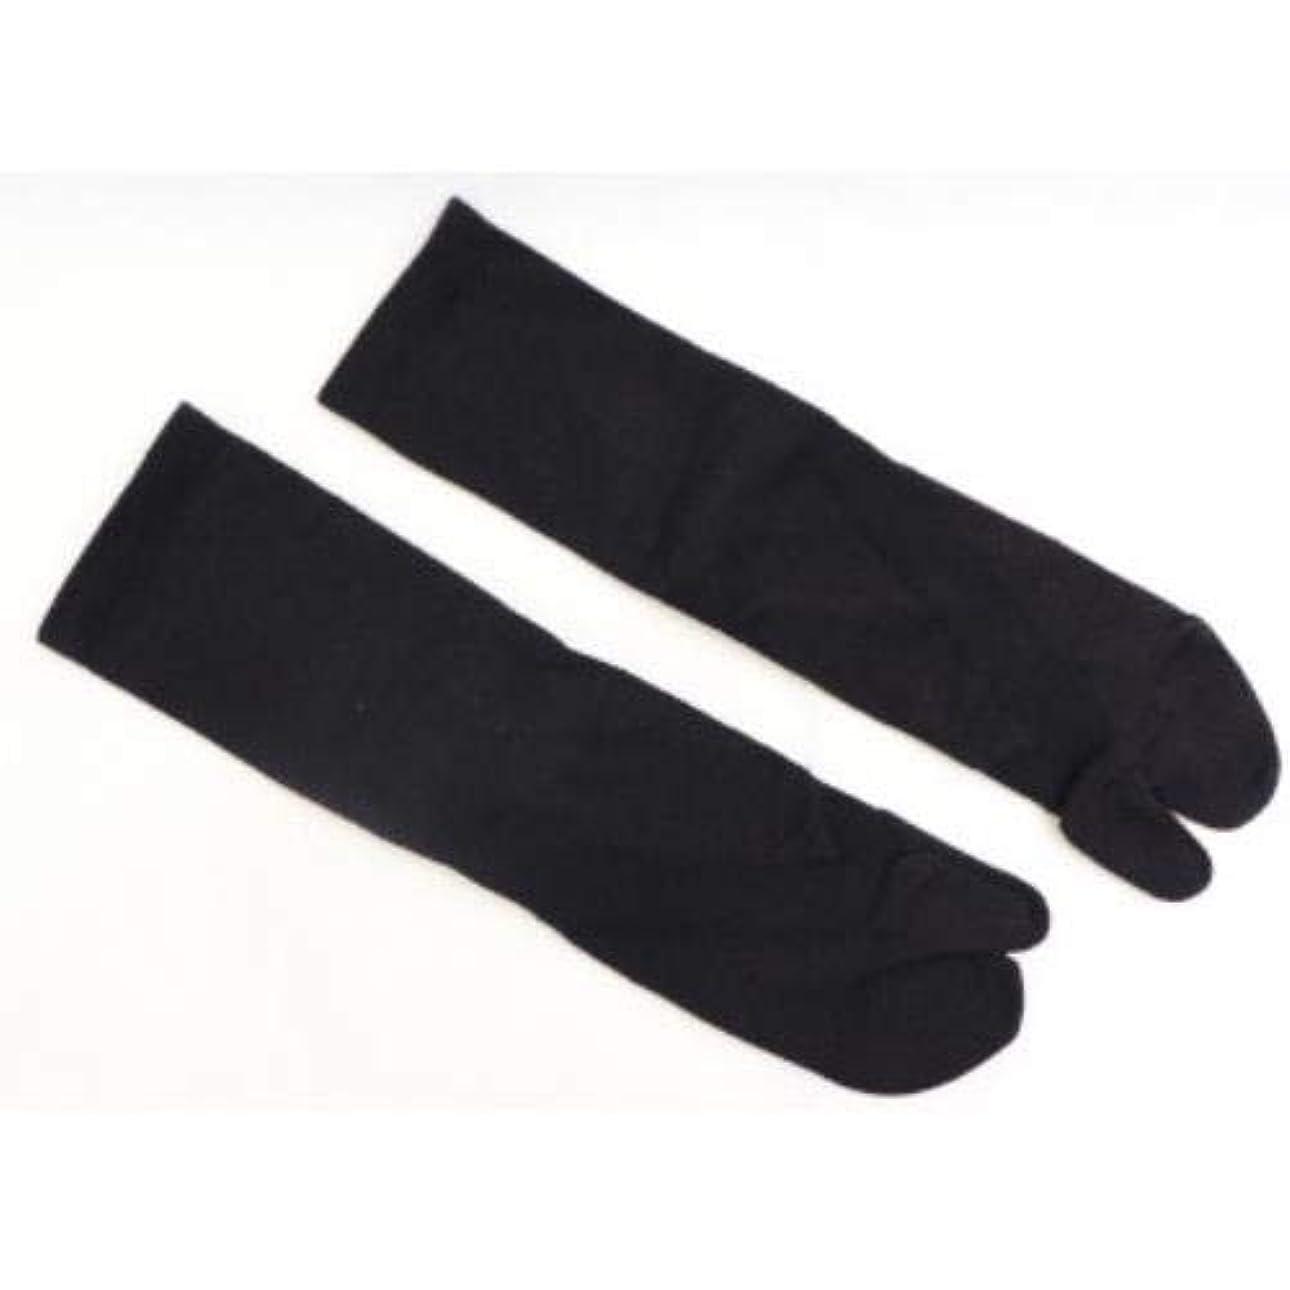 さとう式 フレクサーソックス クルー 黒 (M) 足袋型